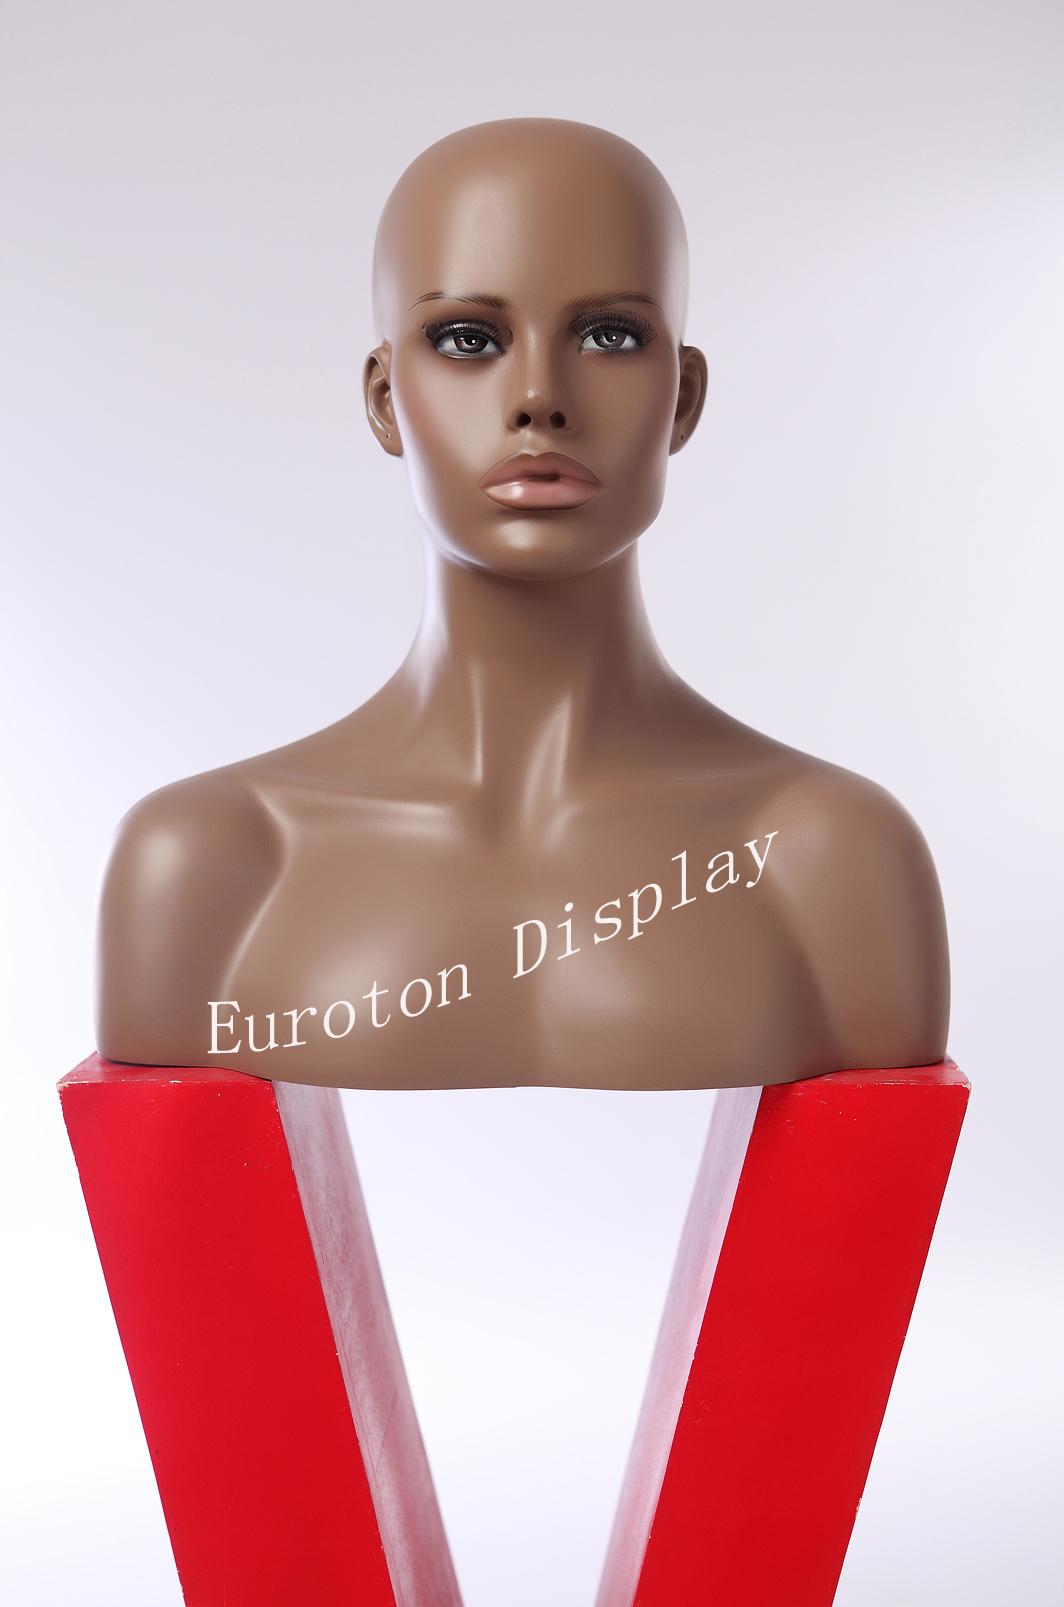 Dekokopf Dunkel Schick neu modern weiblich feminin hübsch kopf HFO Perückenkopf